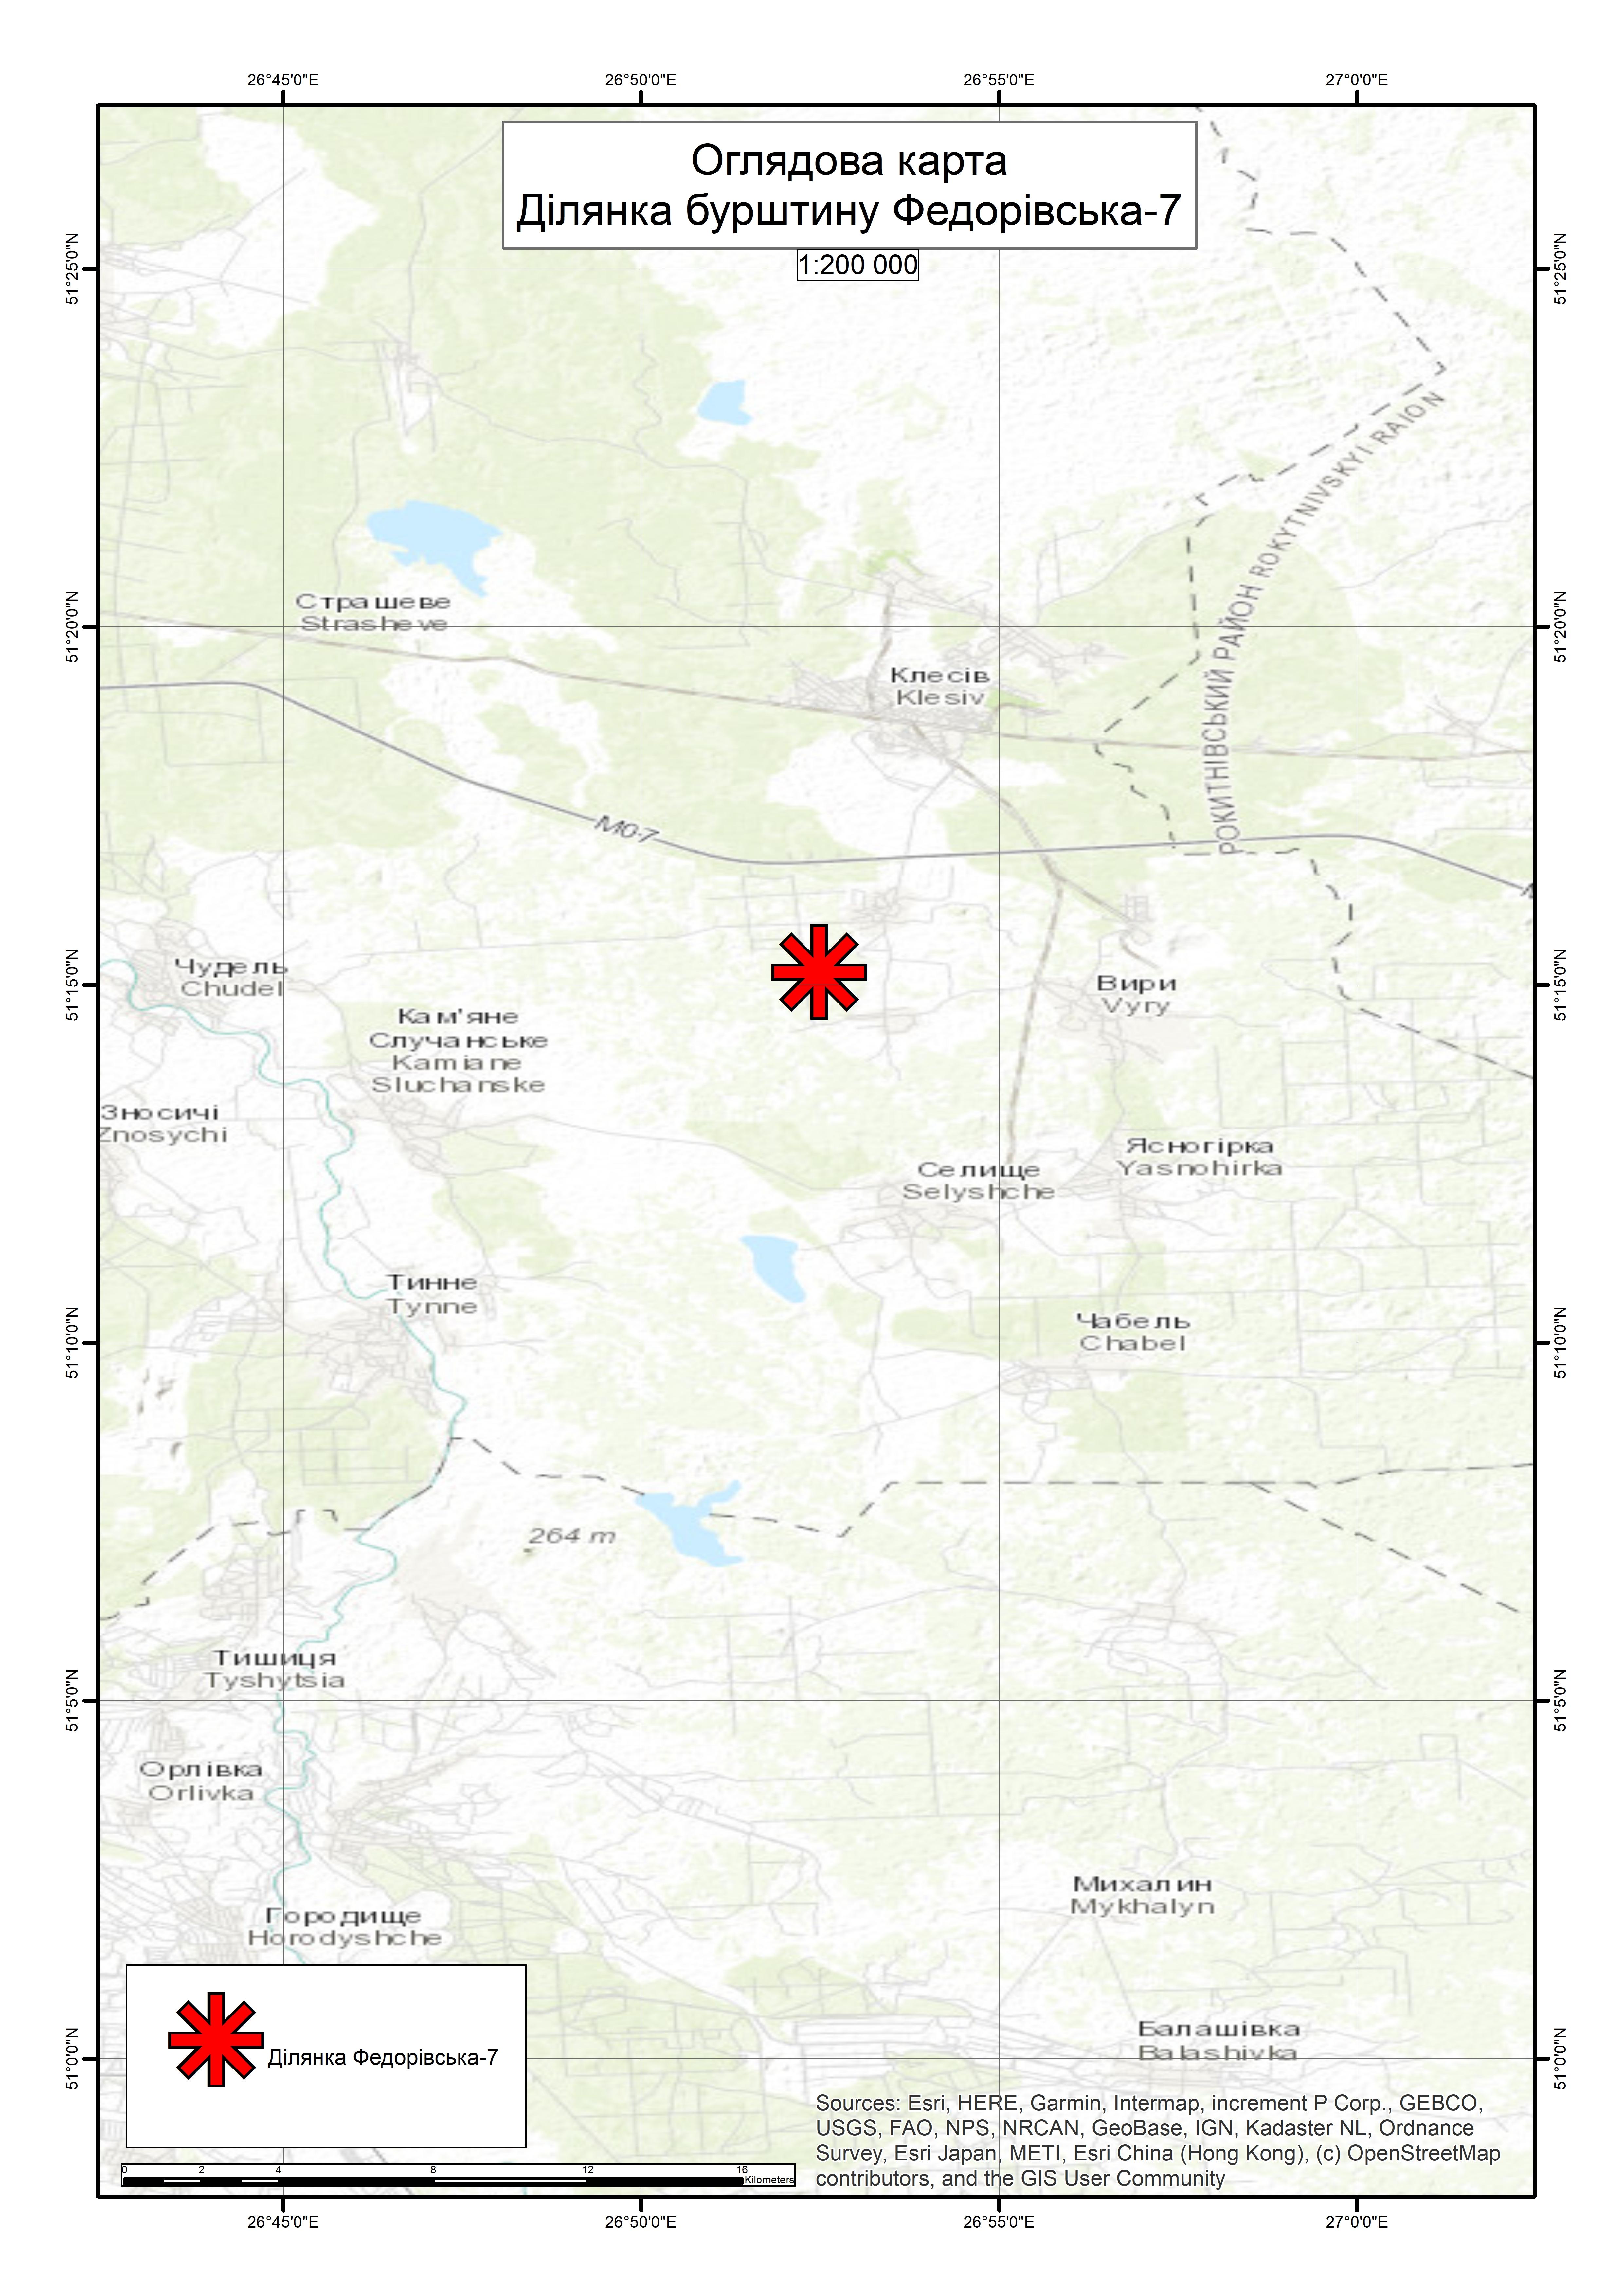 Спеціальний дозвіл на користування надрами – Ділянка Федорівська-7. Вартість геологічної інформації – 124 434,97 грн (з ПДВ). Вартість пакету аукціонної документації – 10 077,60 грн (з ПДВ).